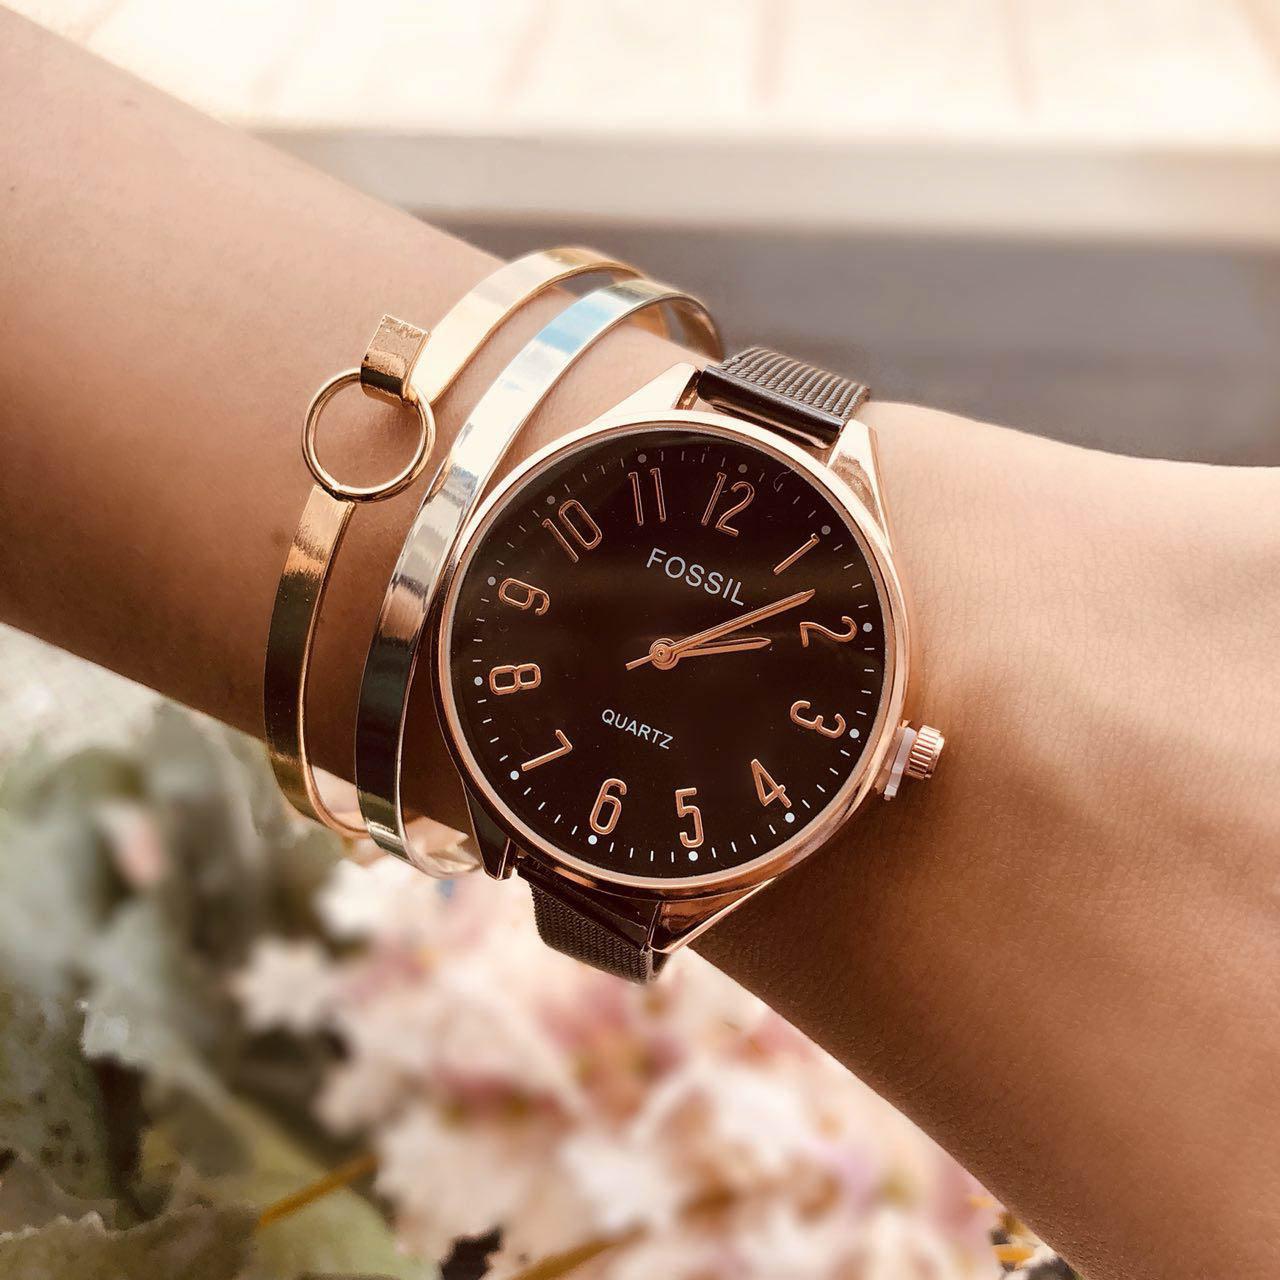 Pelengkap Pakaian Fos Fashion Watch Chain Rose Gold Frame + Rose Gold Dial + Gun Black Band FOSW06